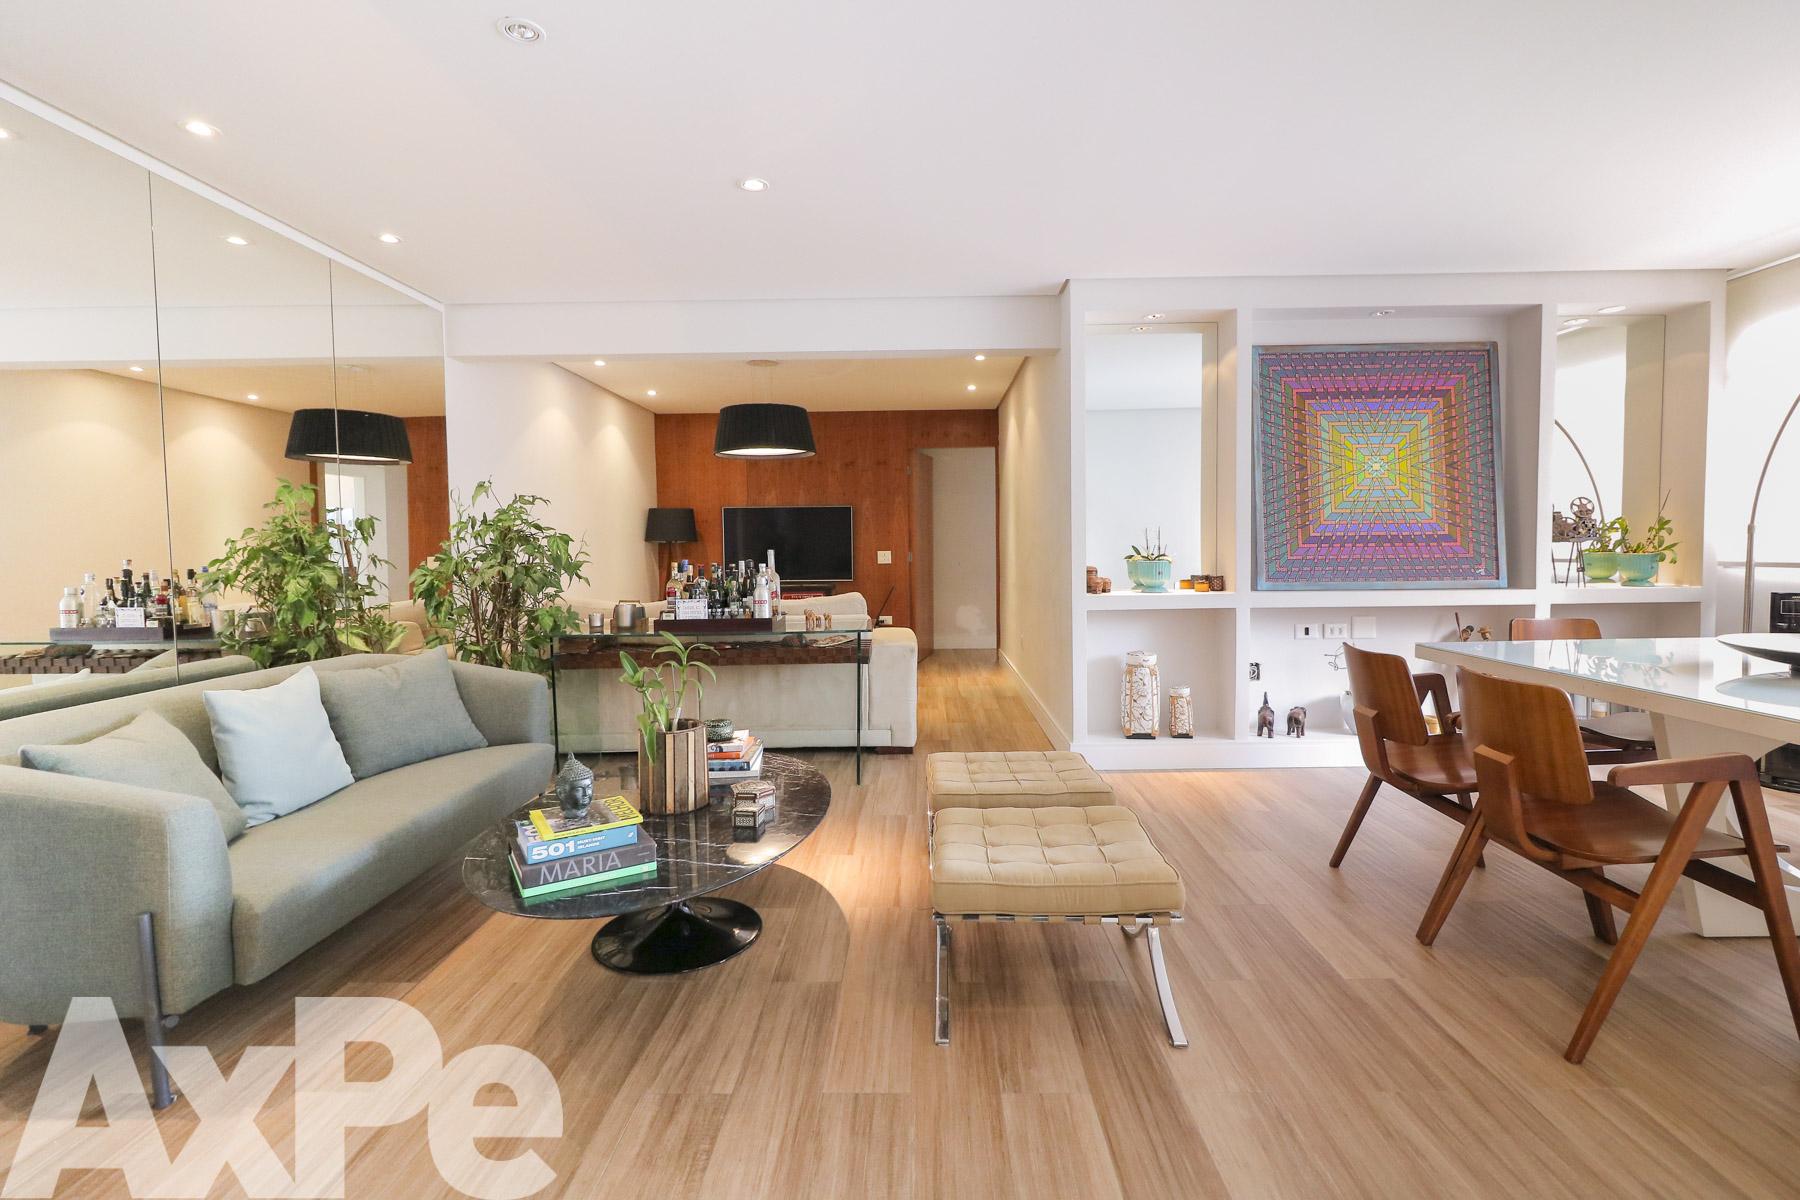 Axpe Apartamento - AX7142